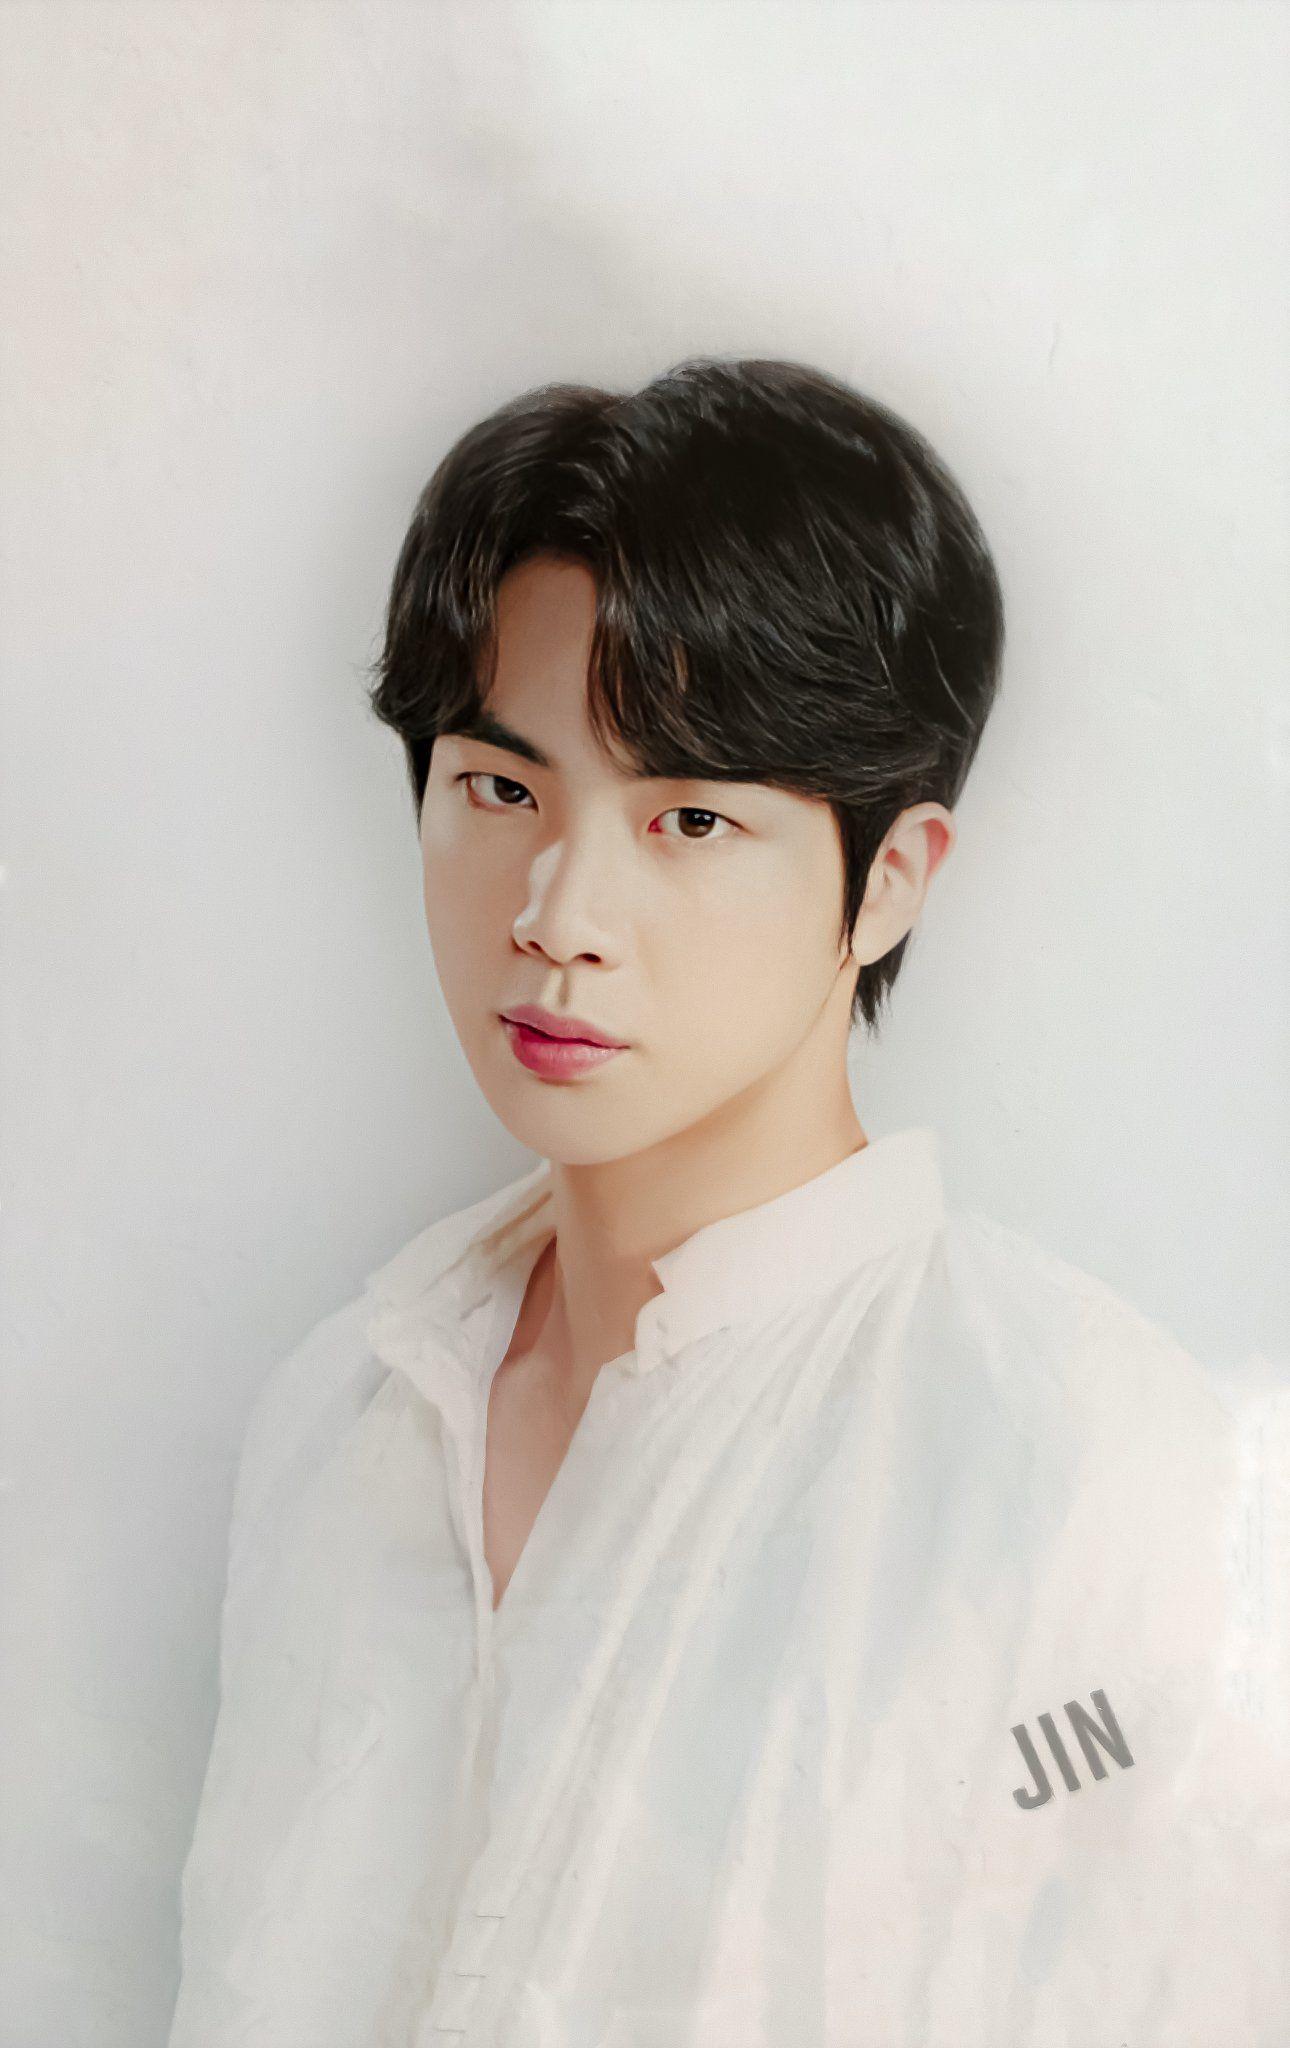 Bts Jin Wallpaper In 2020 Seokjin Seokjin Bts Bts Jin